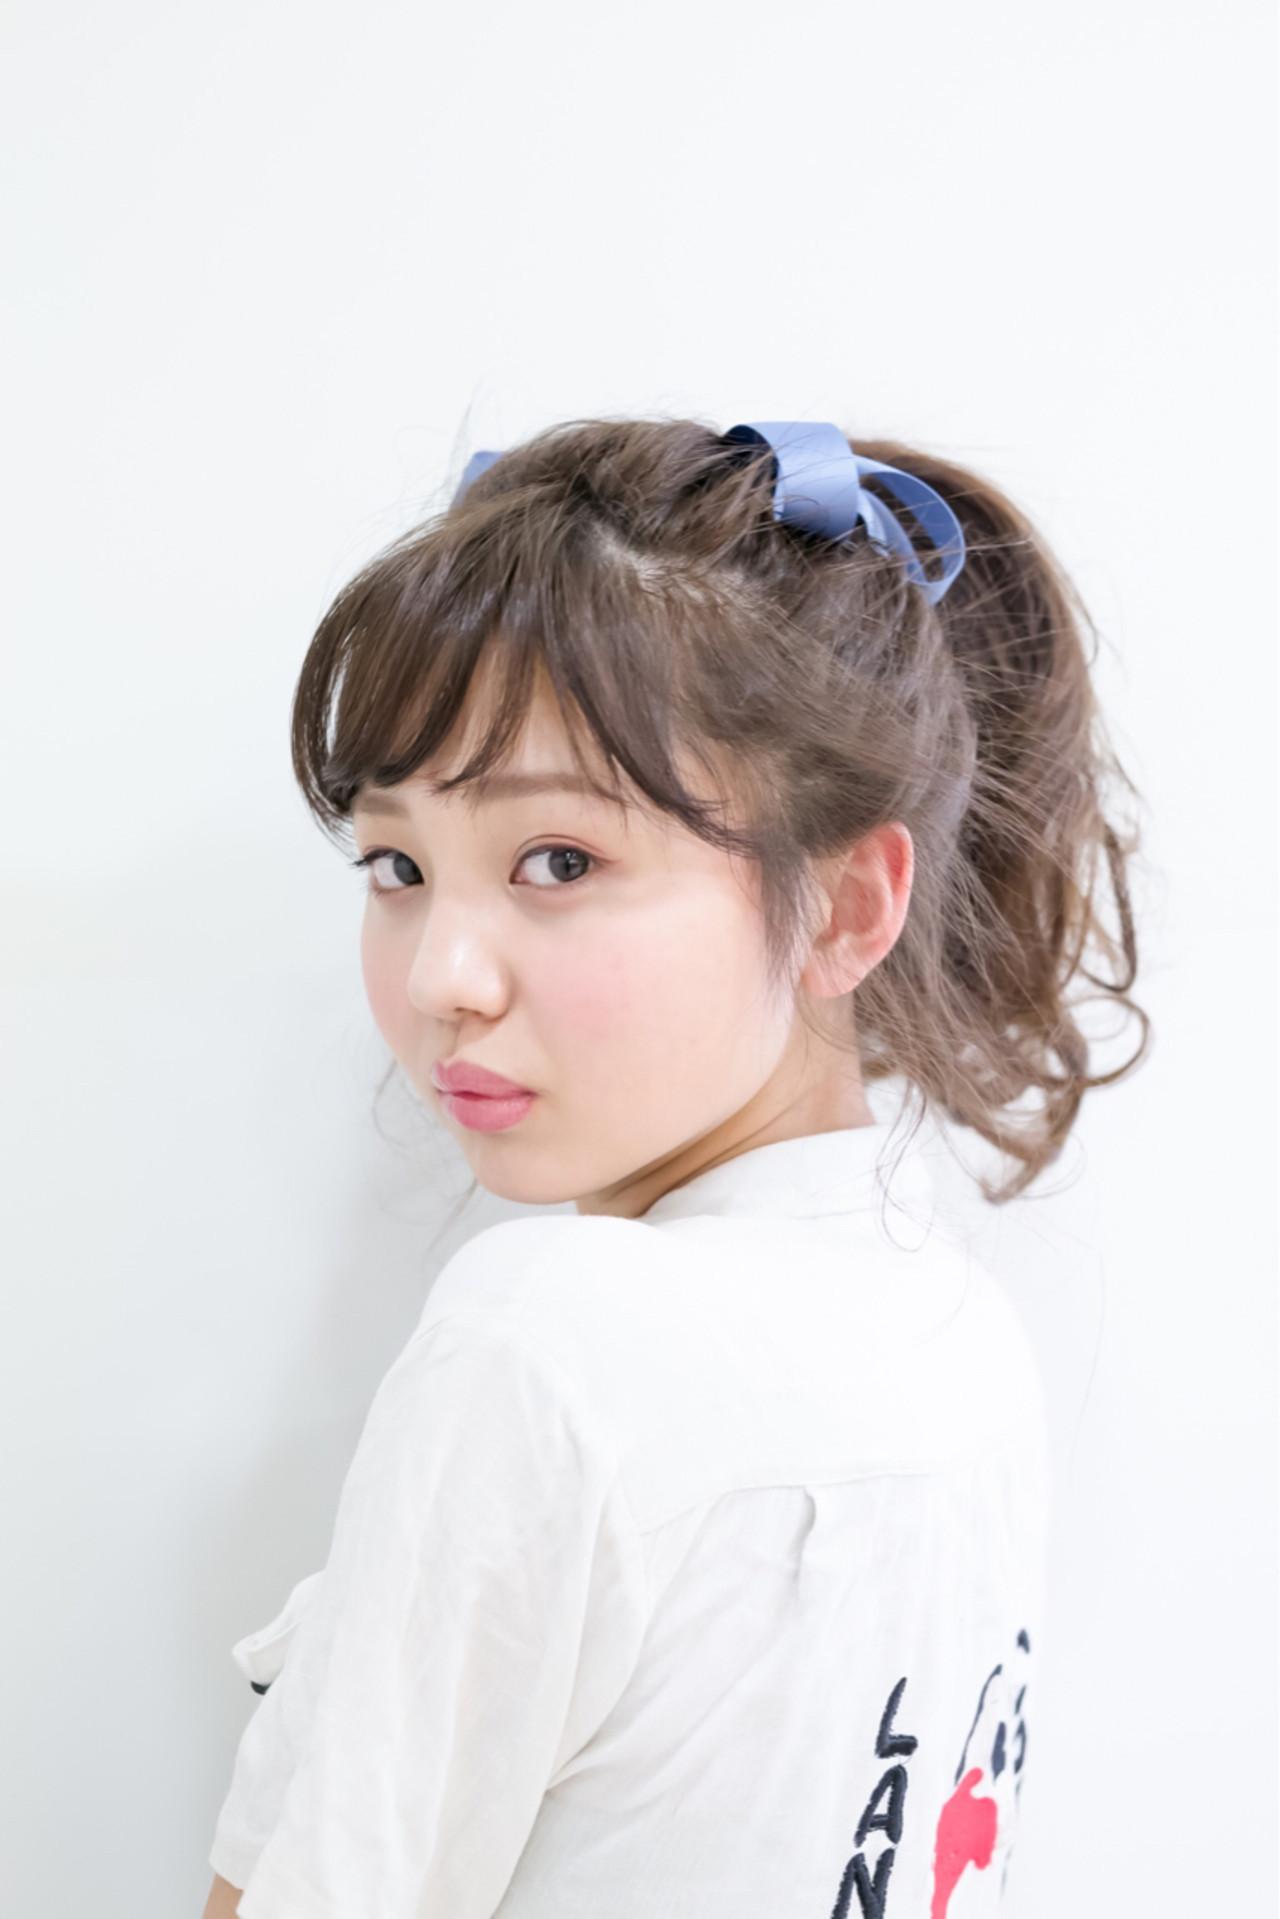 オシャレ女子が伝授♡ポニーテールのオシャレでかわいい結び方8選! 高木 ケイスケ